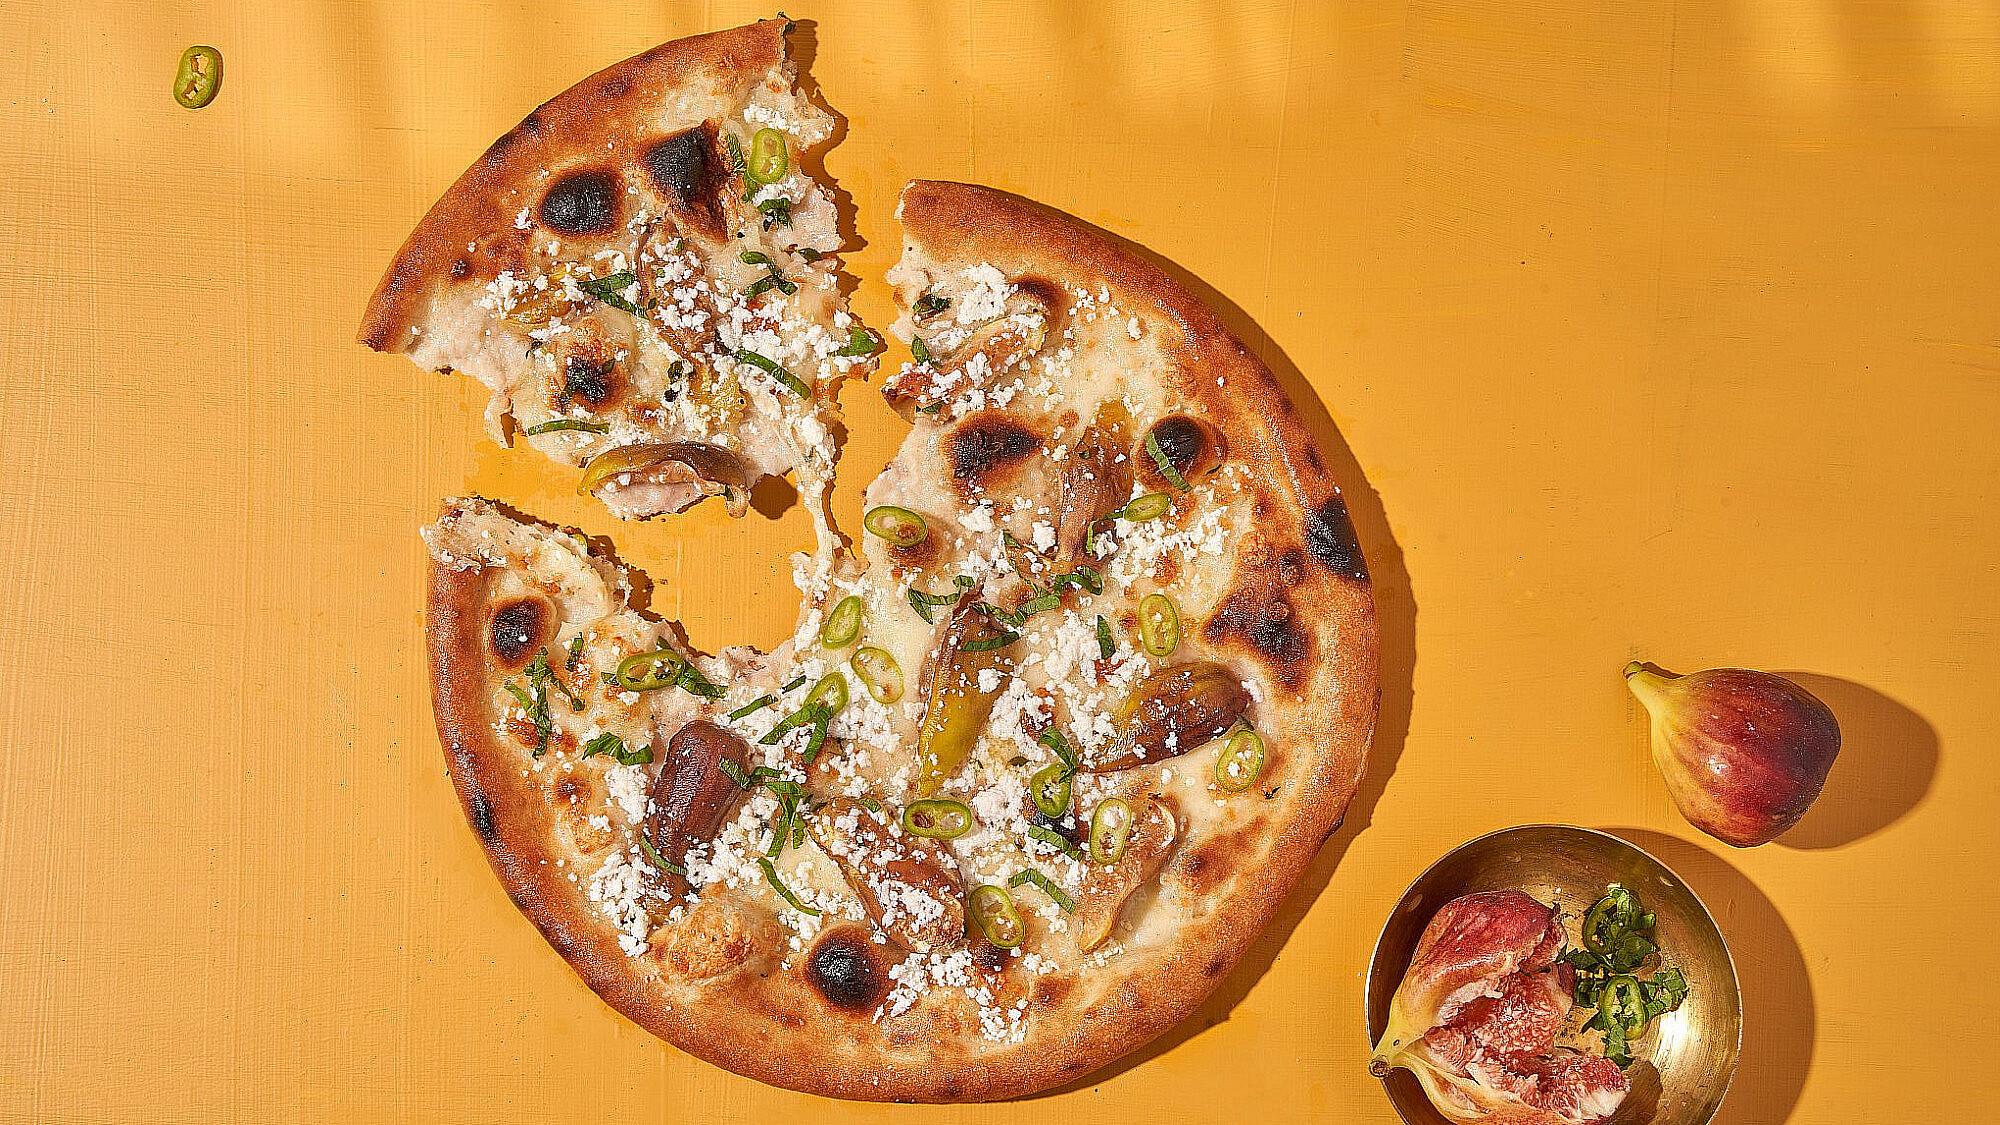 פיצה תאנים וריקוטה סלסה של שפים דניאל צור ועומר שדמי | צילום: אנטולי מיכאלו